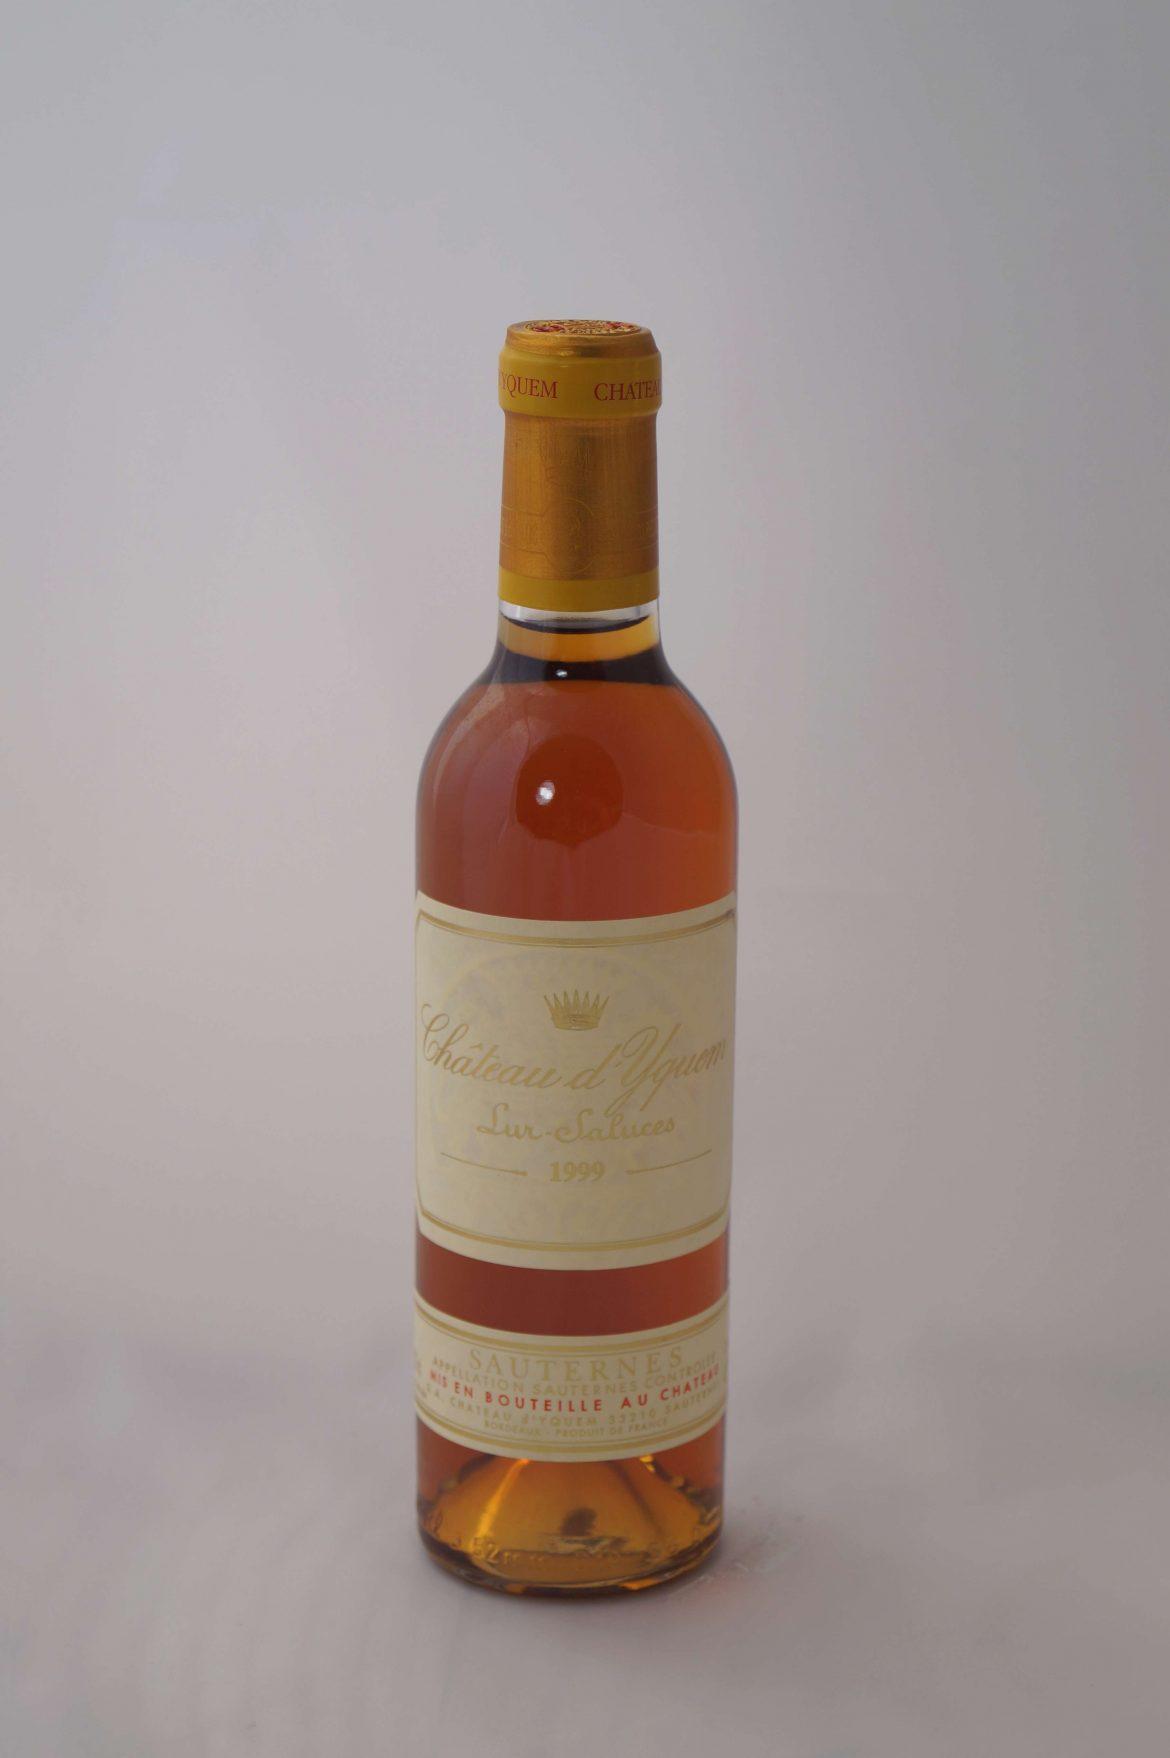 Vin-sauternes-chateau-yquem1999.jpg